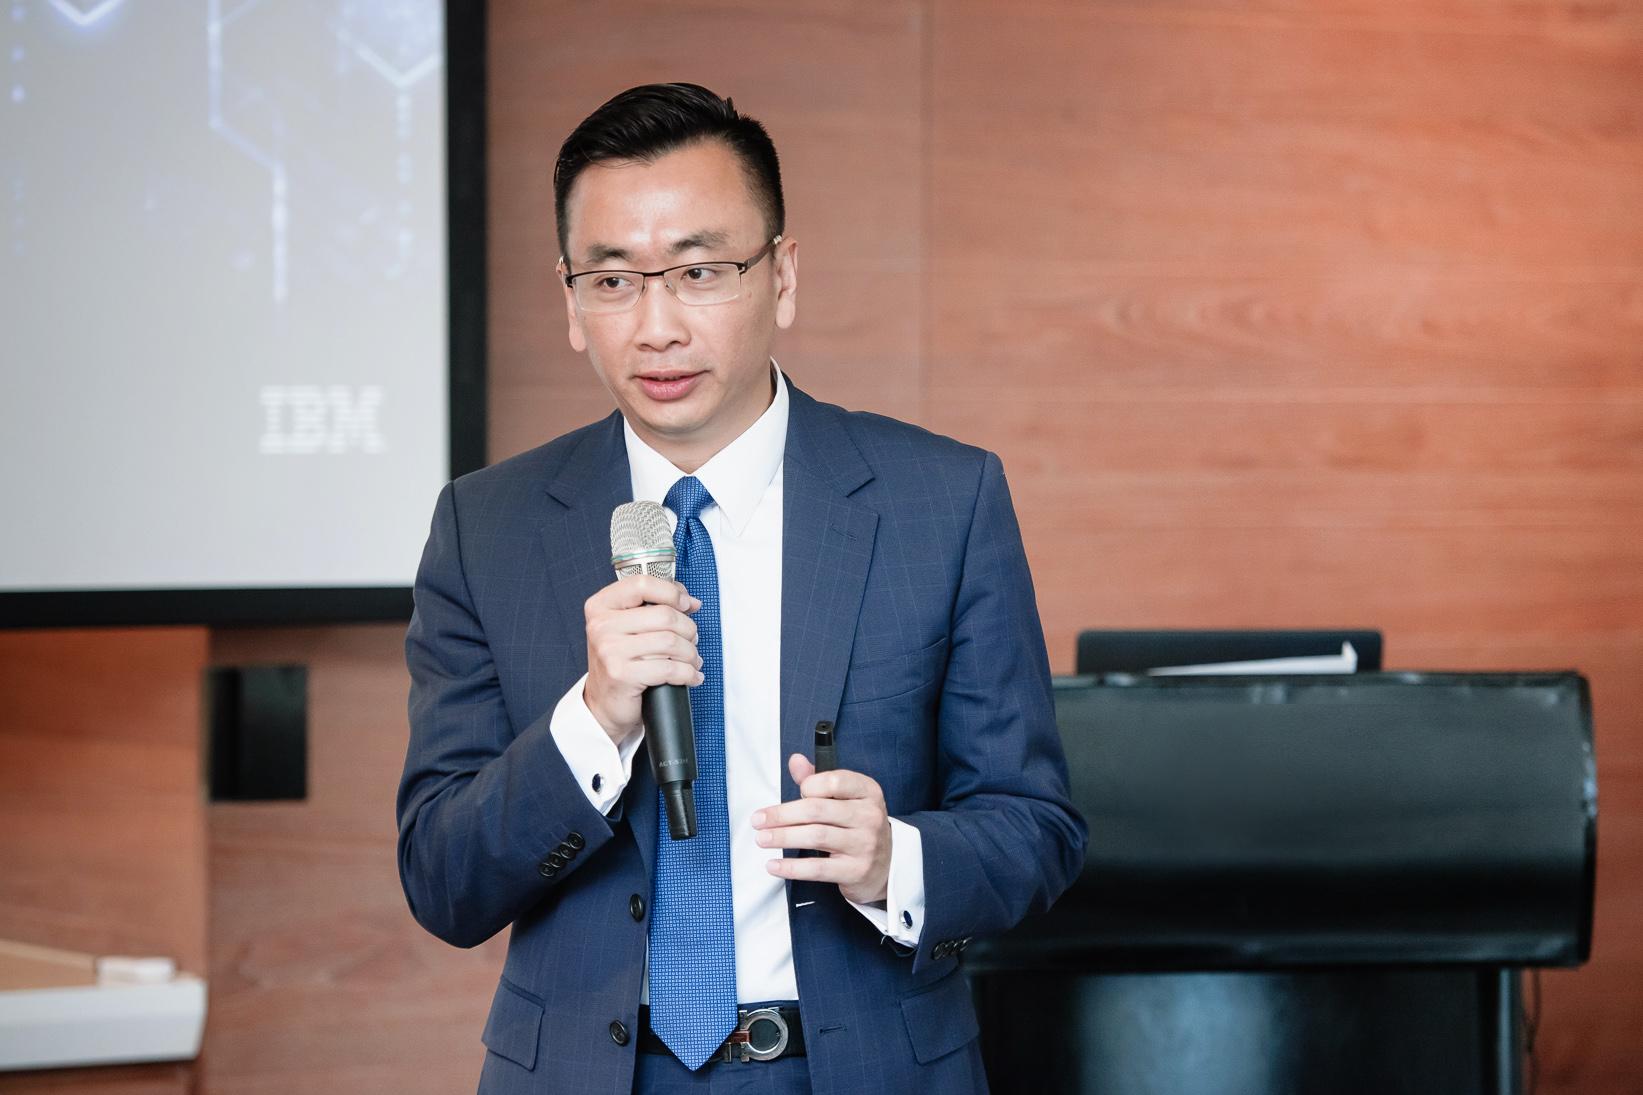 台灣IBM全球企�諮詢服務事�群總經理吳建宏指出面對金融三大開放政�,金融�者應加速創新動能、實踐數位再造,以因應市場與金融規範的劇烈變化